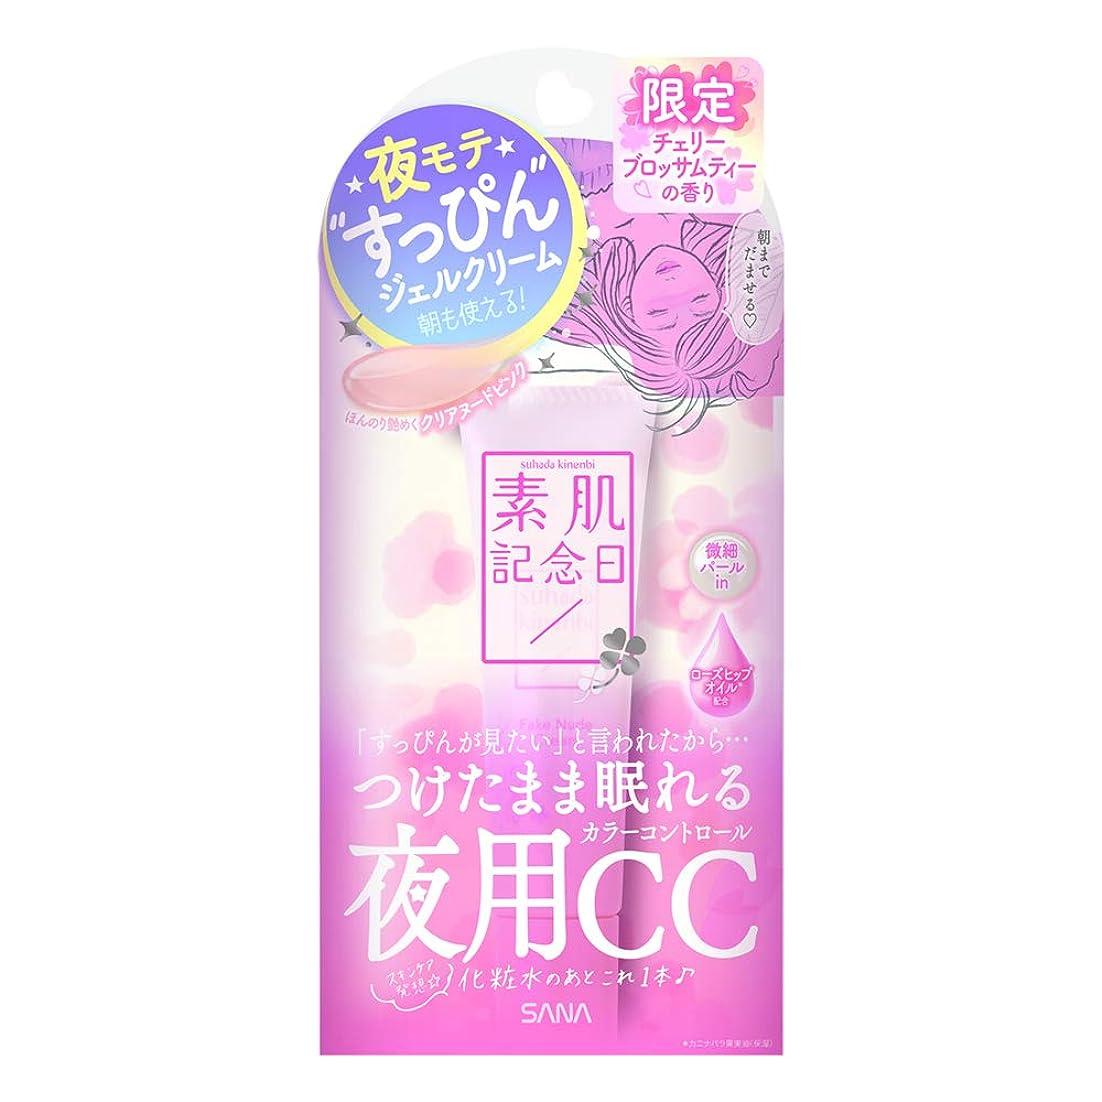 自発的保存する自己素肌記念日 フェイクヌードクリーム ヌードピンク チェリーブロッサムティの香り 30g